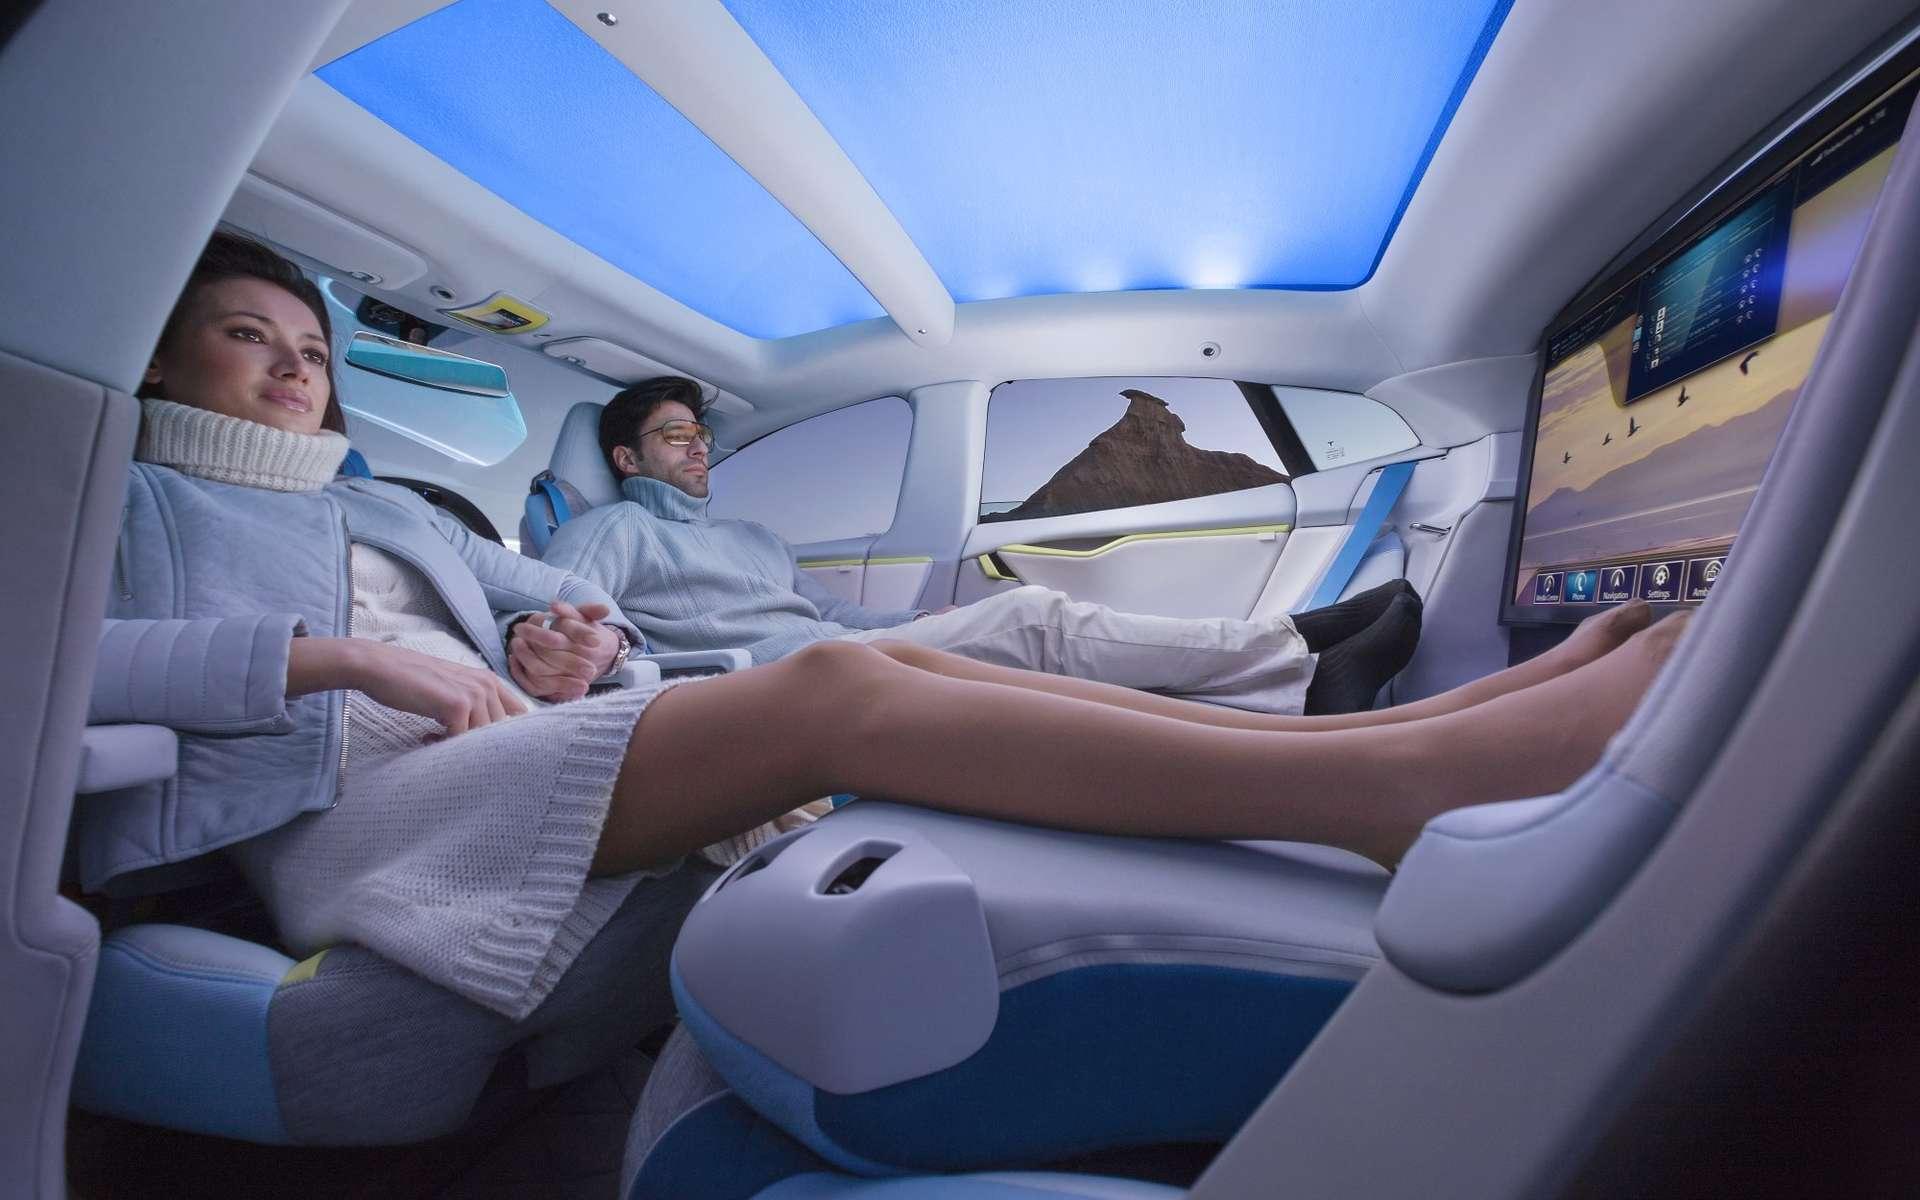 Le concepteur suisse Rinspeed a imaginé cette XChangE sur la base de la Tesla électrique Model S, commercialisée aux États-Unis. Une maquette de cet engin futuriste sera présentée au prochain salon de Genève. En plus d'un toit transparent, d'un écran géant et d'une machine à faire le café, ce concept car est capable de conduire sans assistance aucune. C'est l'idée de la voiture autonome, encore lointaine mais en ligne de mire de tous les grands constructeurs. © Rinspeed